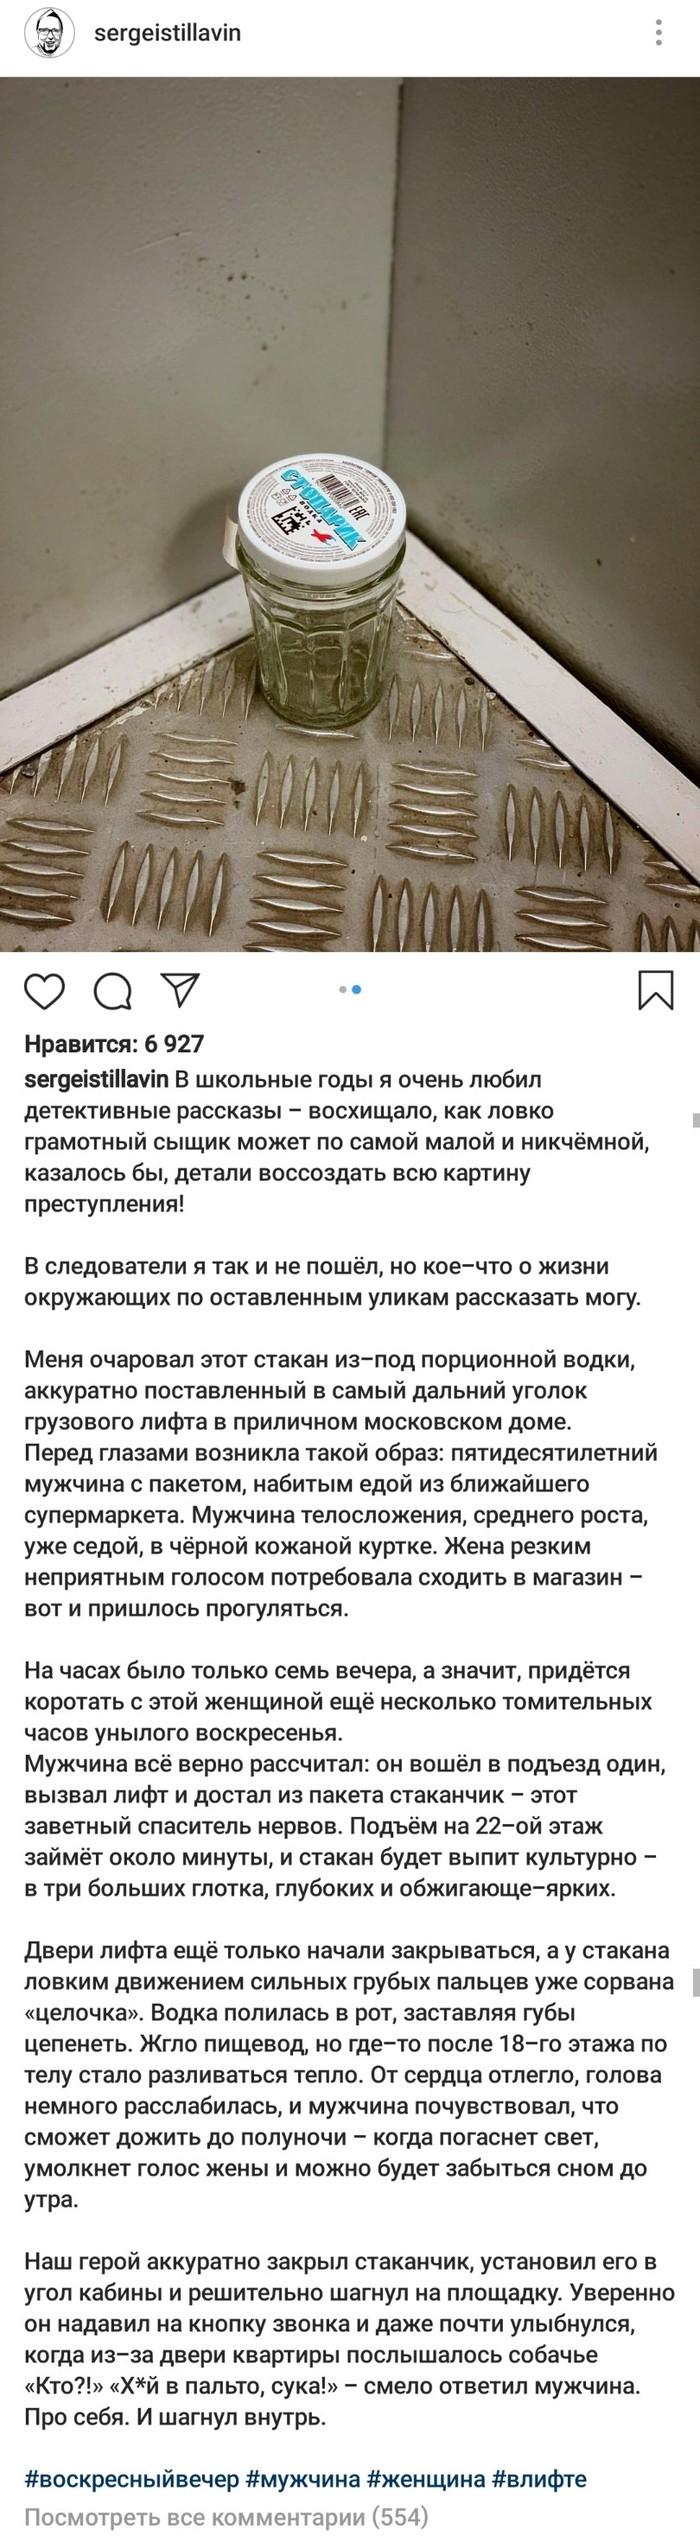 Шедевр от Стиллавина Водка, Шедевр, Сергей Стиллавин, Длиннопост